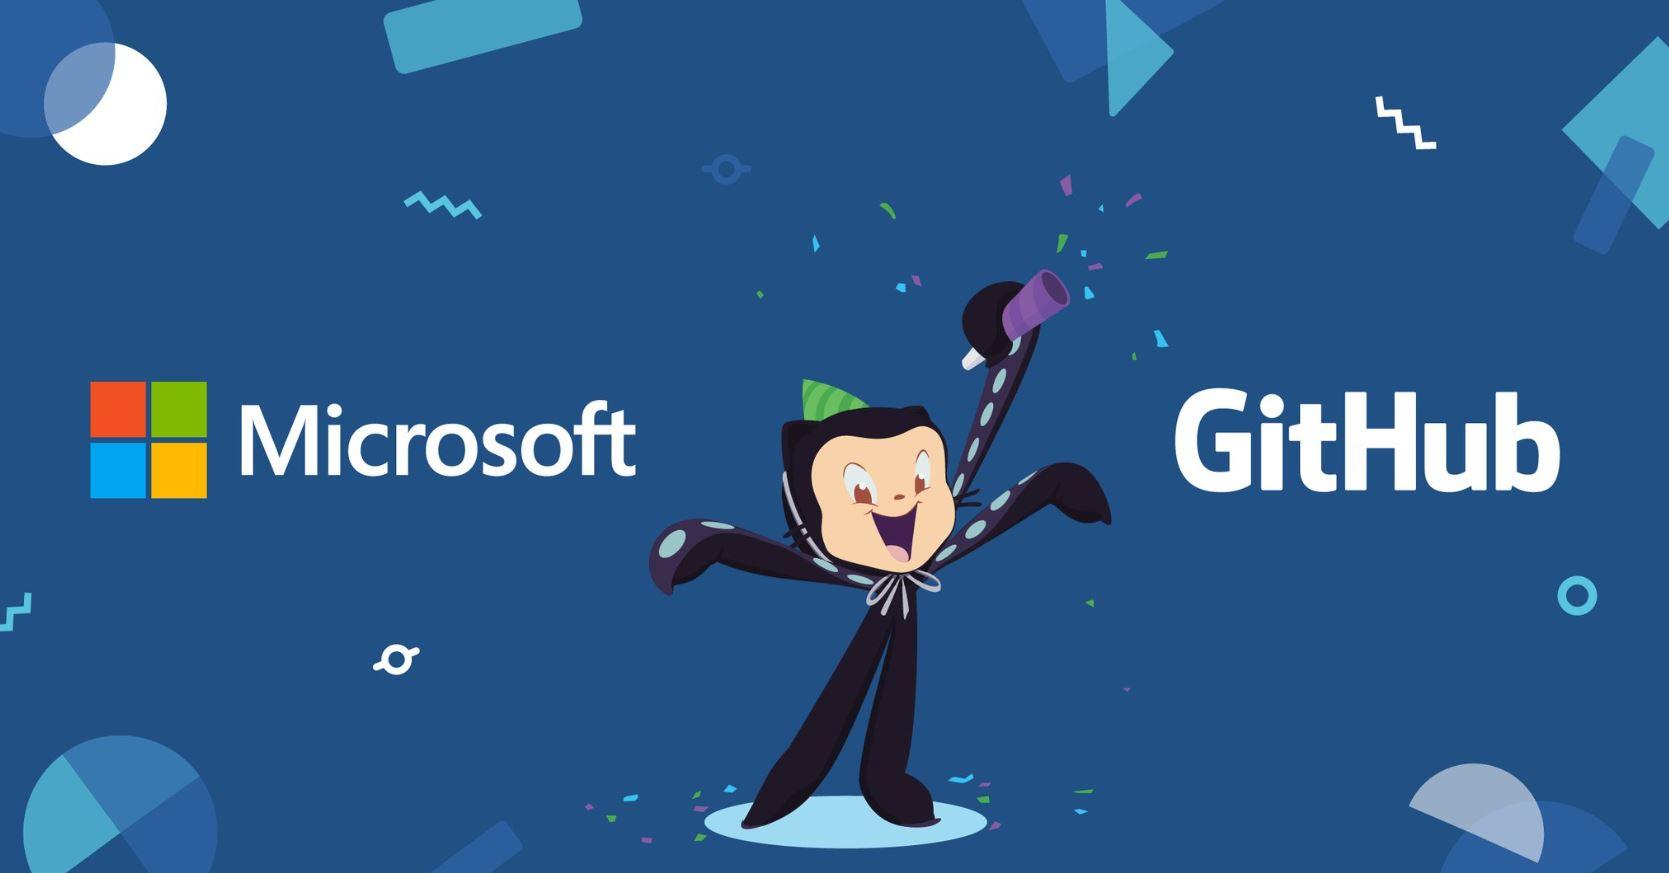 Microsoft miễn phí kho lưu trữ mã nguồn riêng không giới hạn cho mọi tài khoản Github